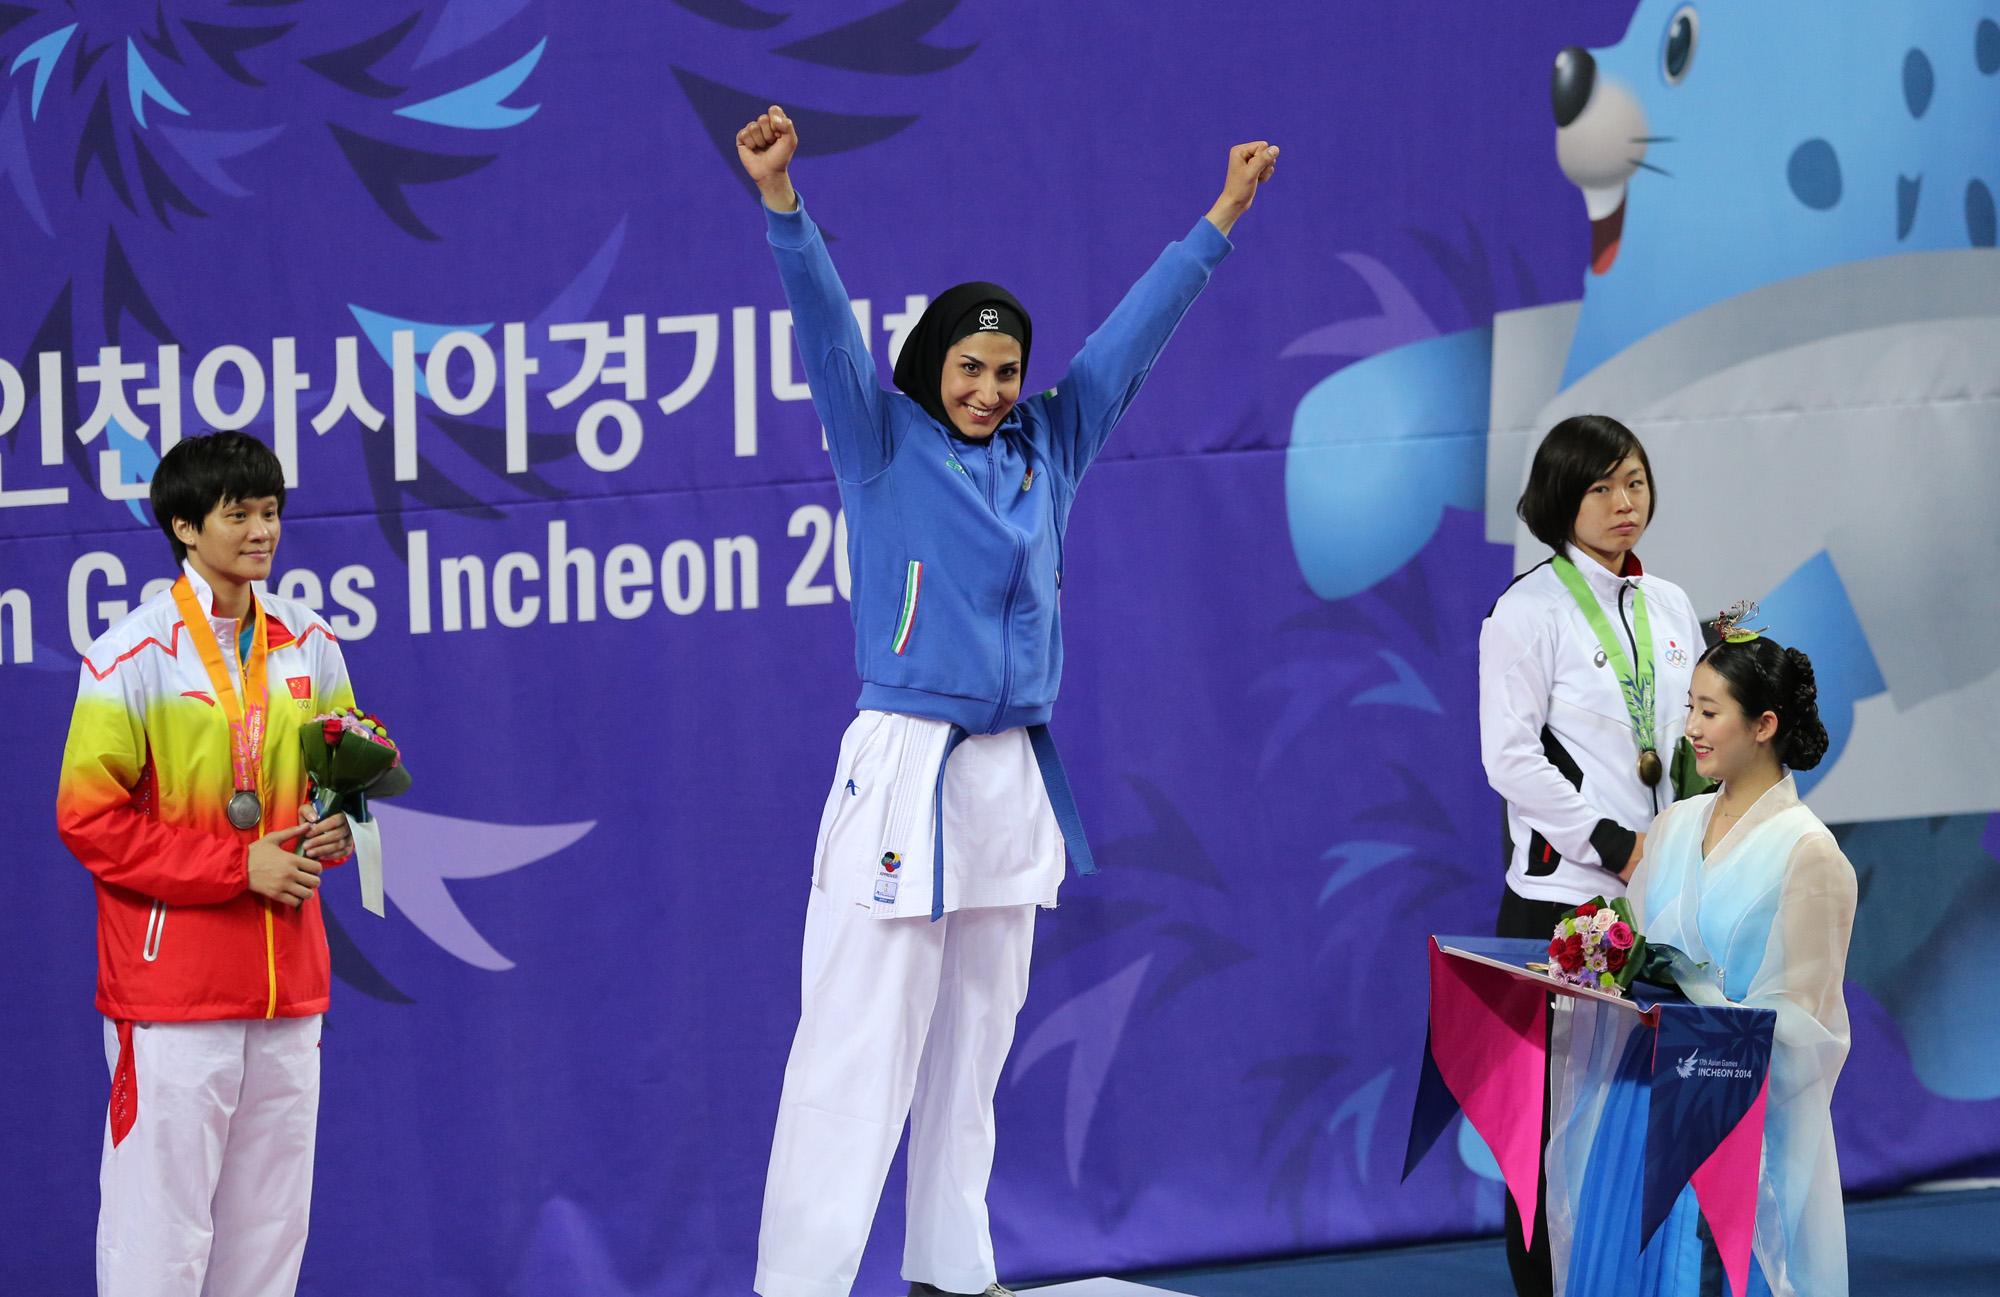 براساس اعلام فدراسیون جهانی کاراته | عباسعلی بهترین بانو؛علیپور و خاکسار به دنبال سهمیه المپیک